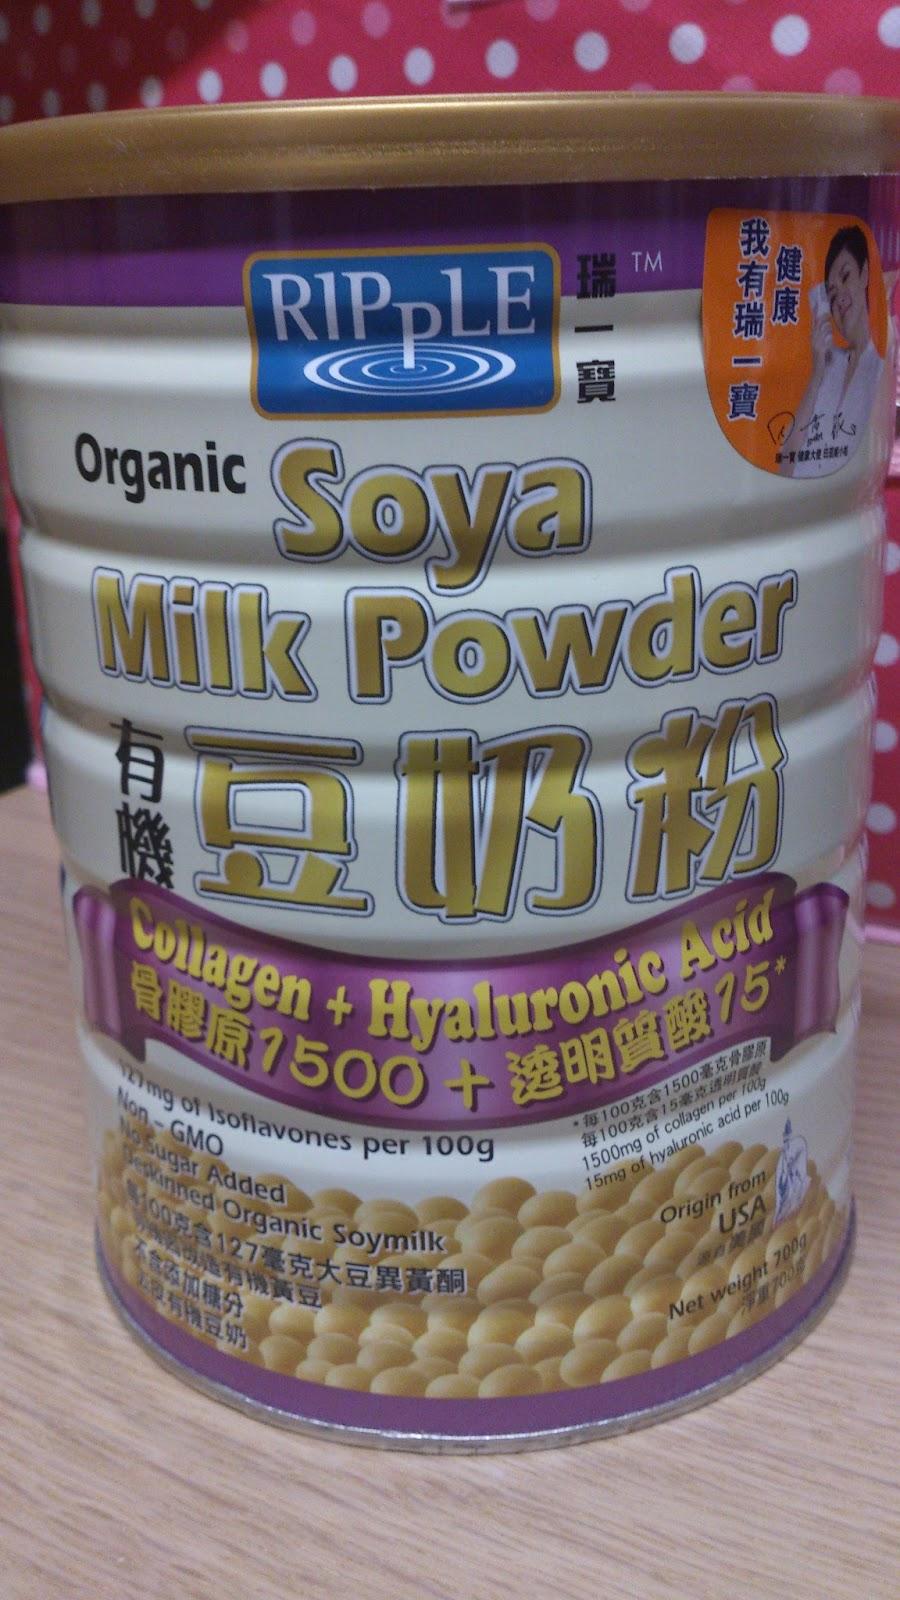 >> 把骨膠原透明質酸通通渴下去*Ripple瑞一寶有機豆奶粉